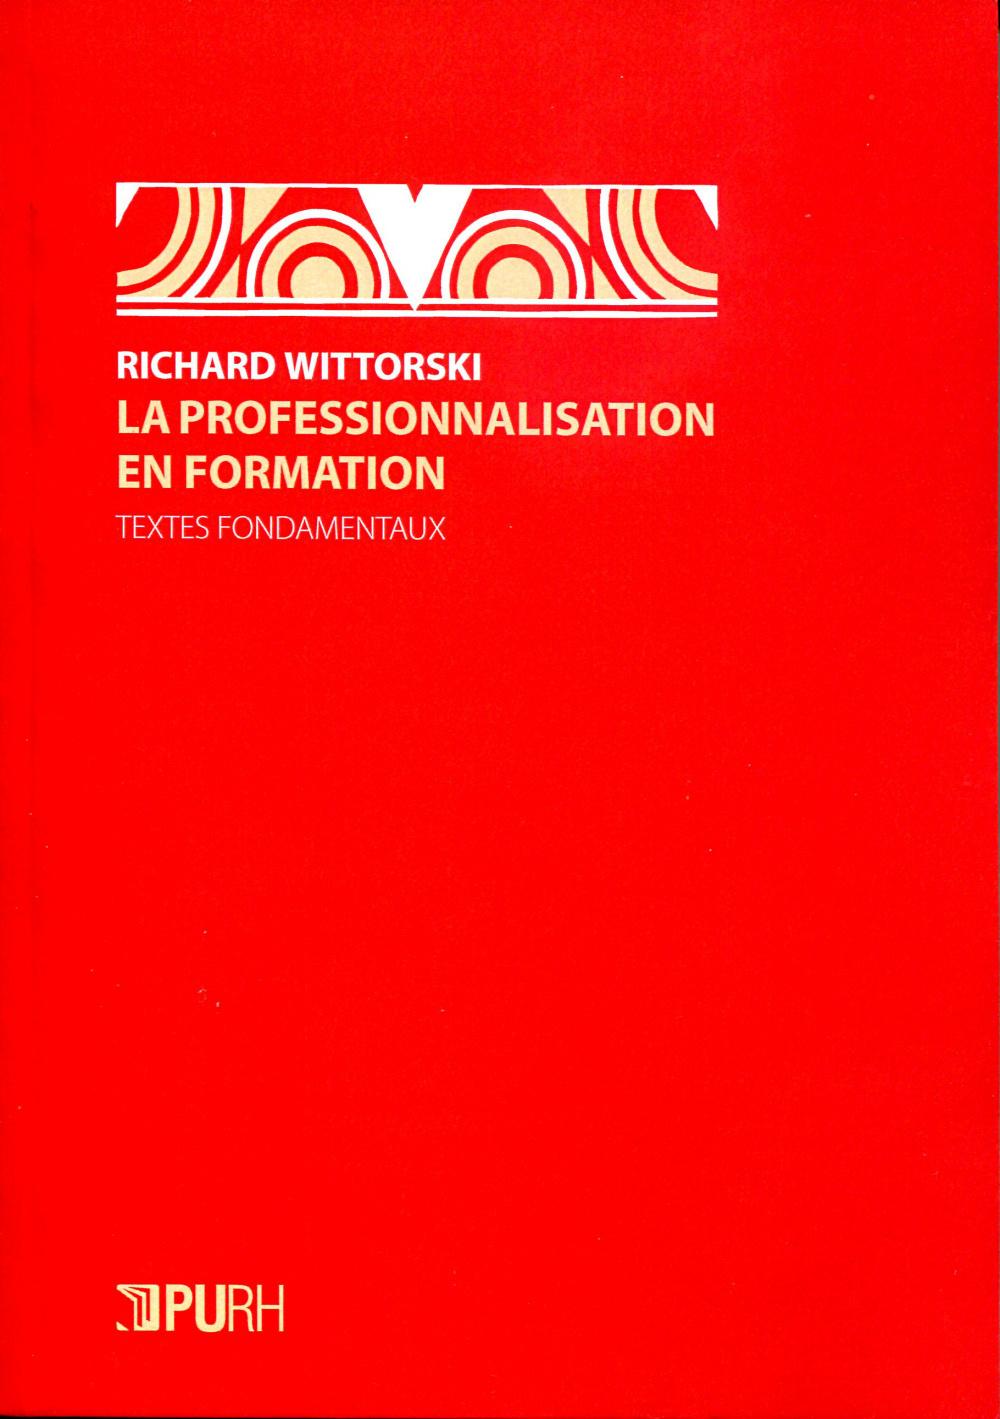 LA PROFESSIONNALISATION EN FORMATION. TEXTES FONDAMENTAUX